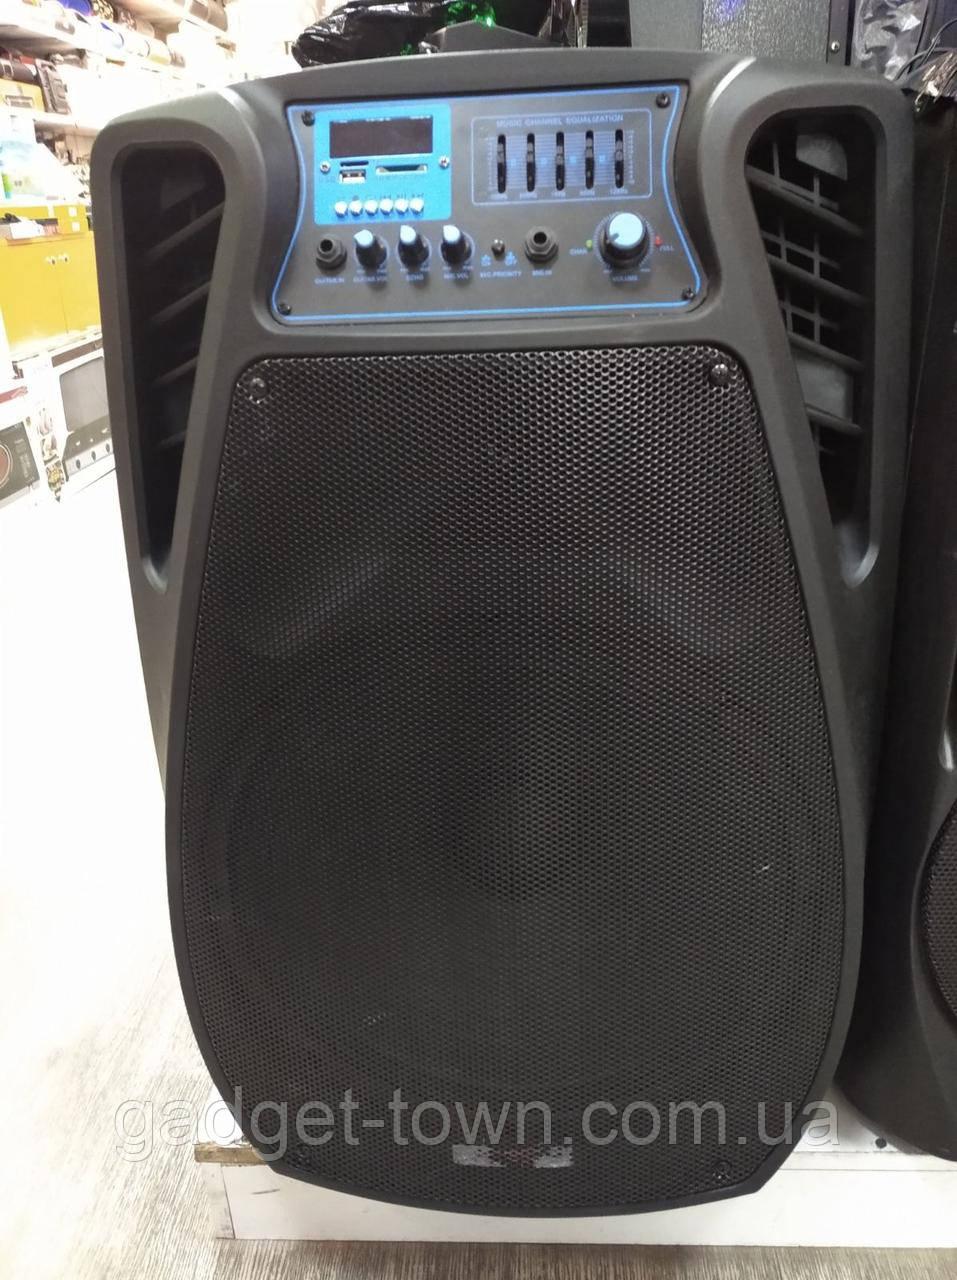 Колонка аккумуляторная с радиомикрофонами TMG ORIGINAL Soundmax SM-15 (Bluetooth/USB/SD)